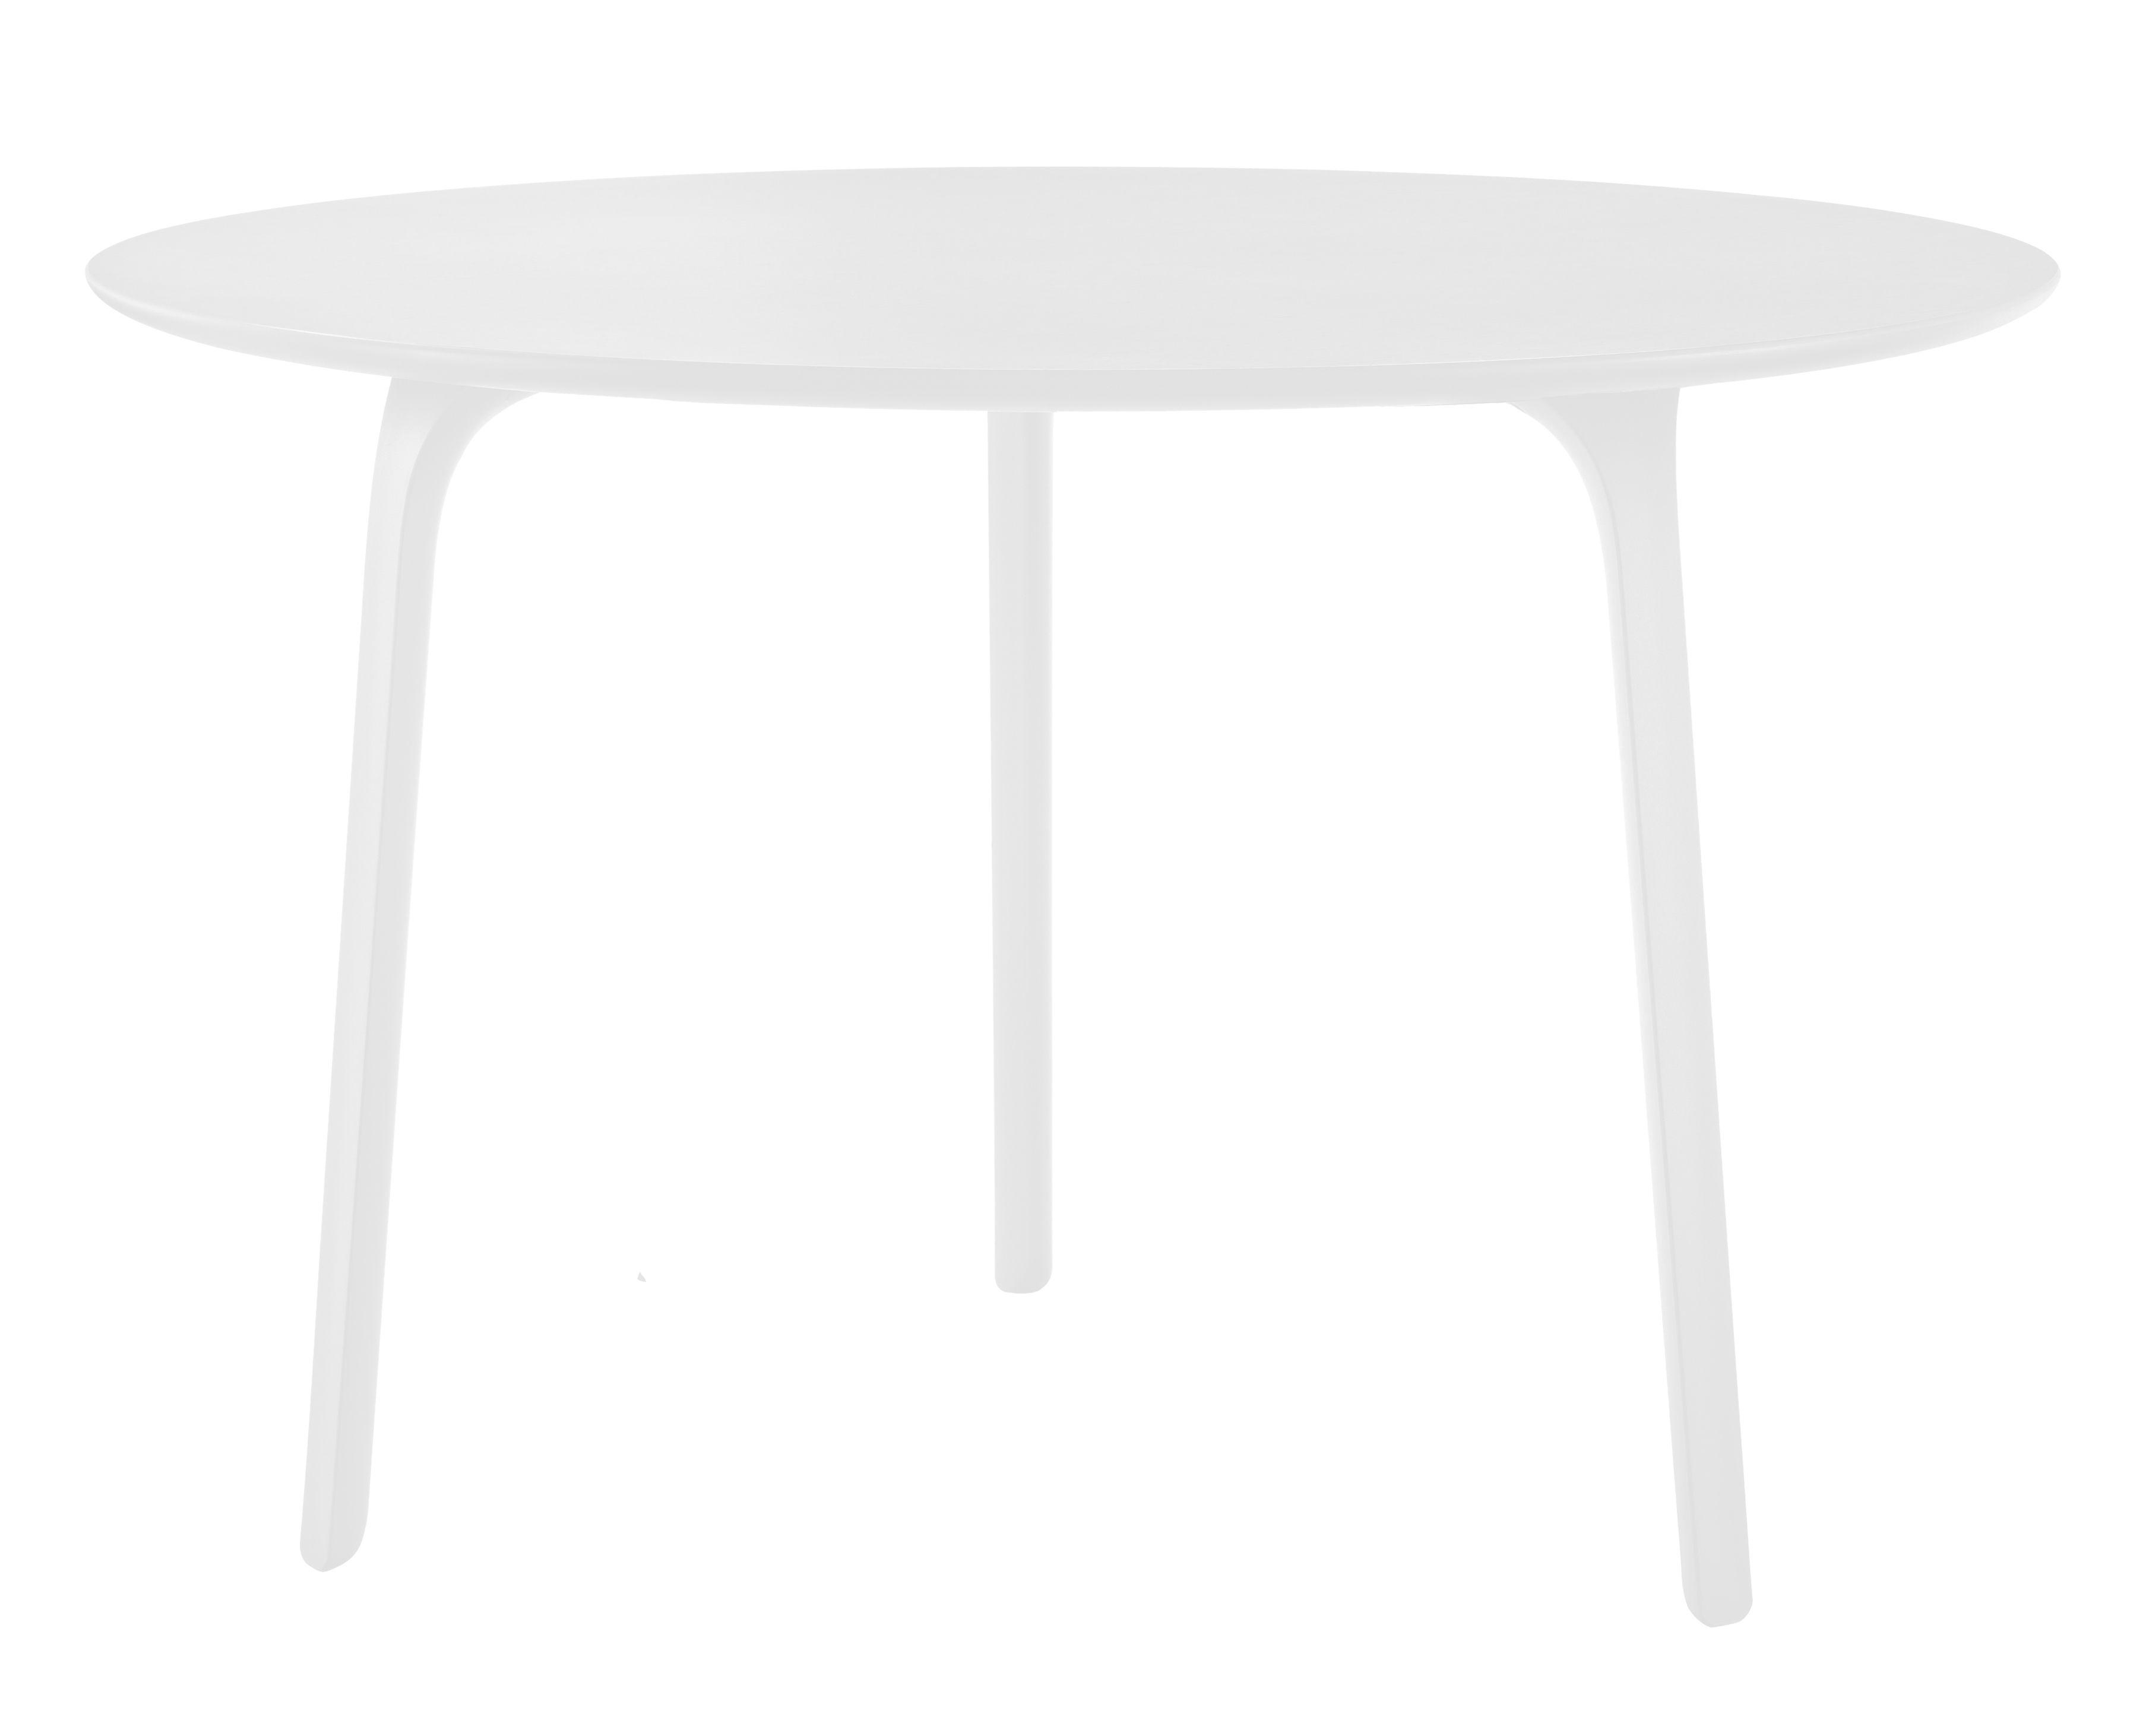 Möbel - Tische - First Runder Tisch Rund Ø 120 cm - für den Innenbereich - Magis - Platte: weiß / Füße: weiß - Polyamid